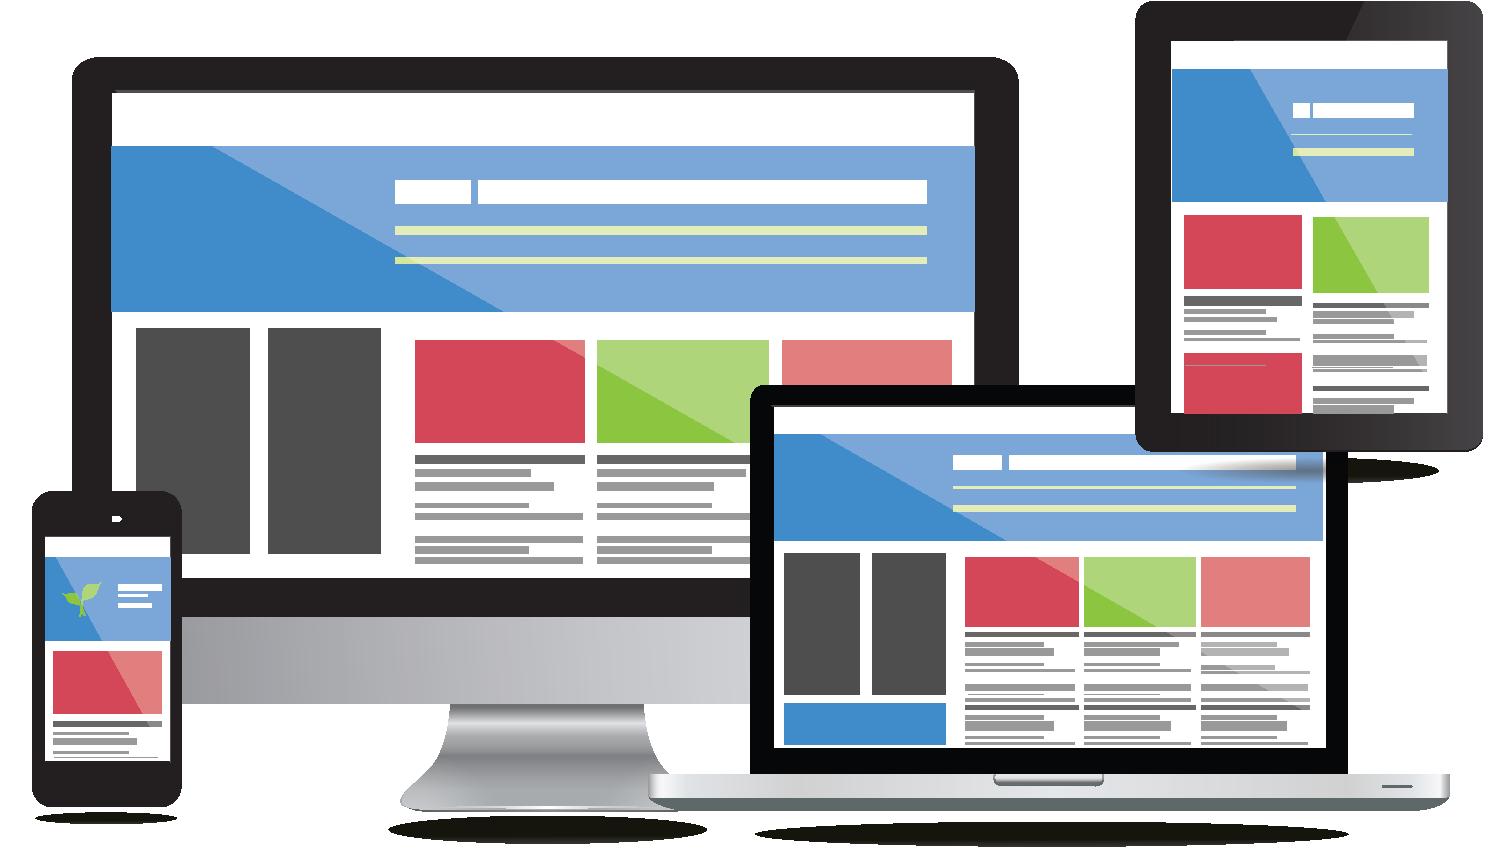 creare siti web gratis ecco i migliori strumenti online